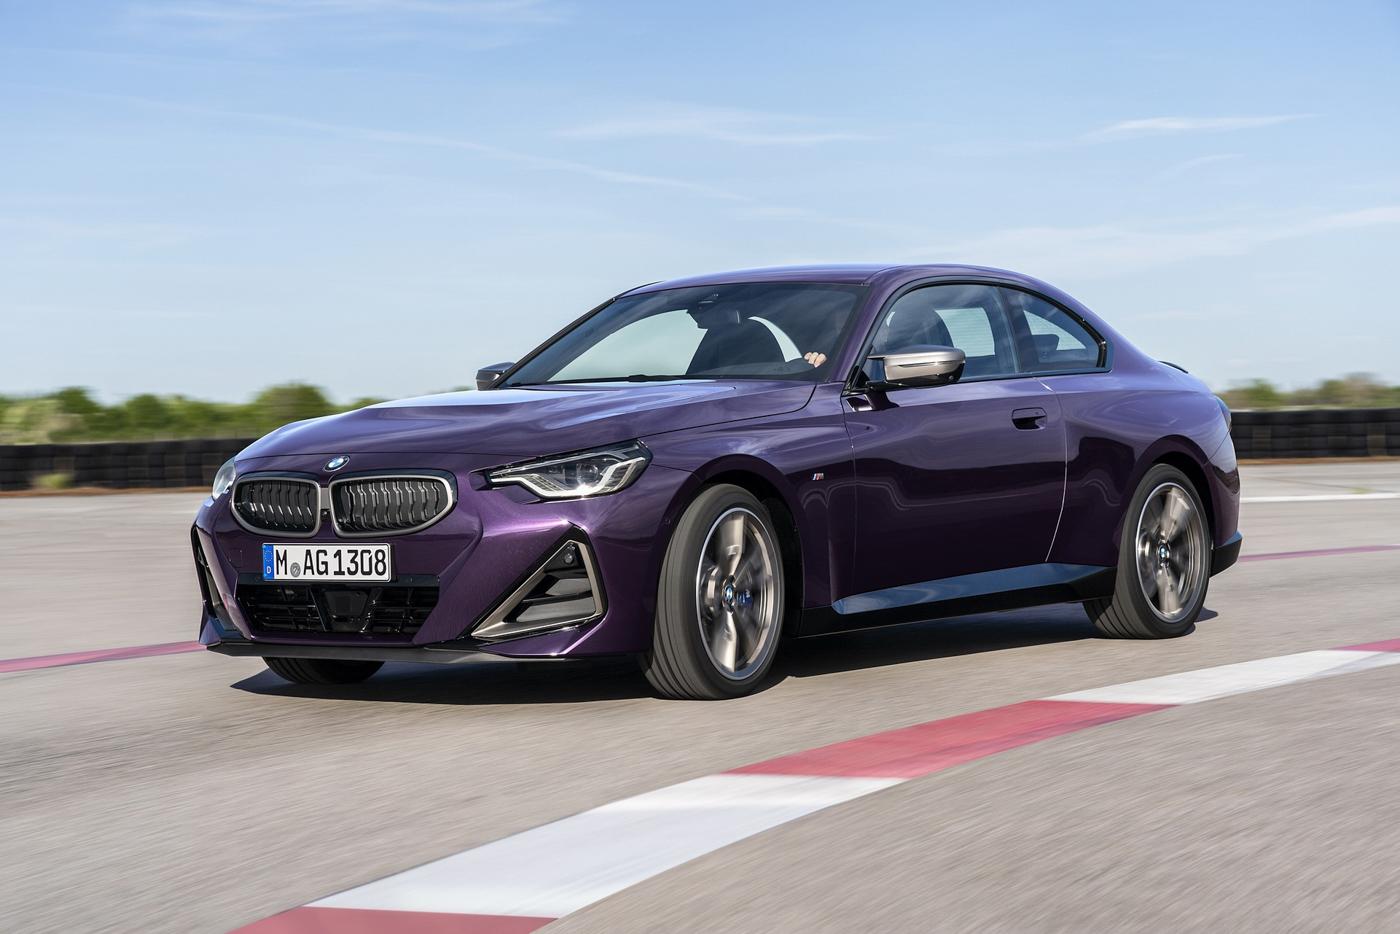 BMW-2-series-2022-ra-mắt-với-giá-bán-từ-36350-usd-5.jpg